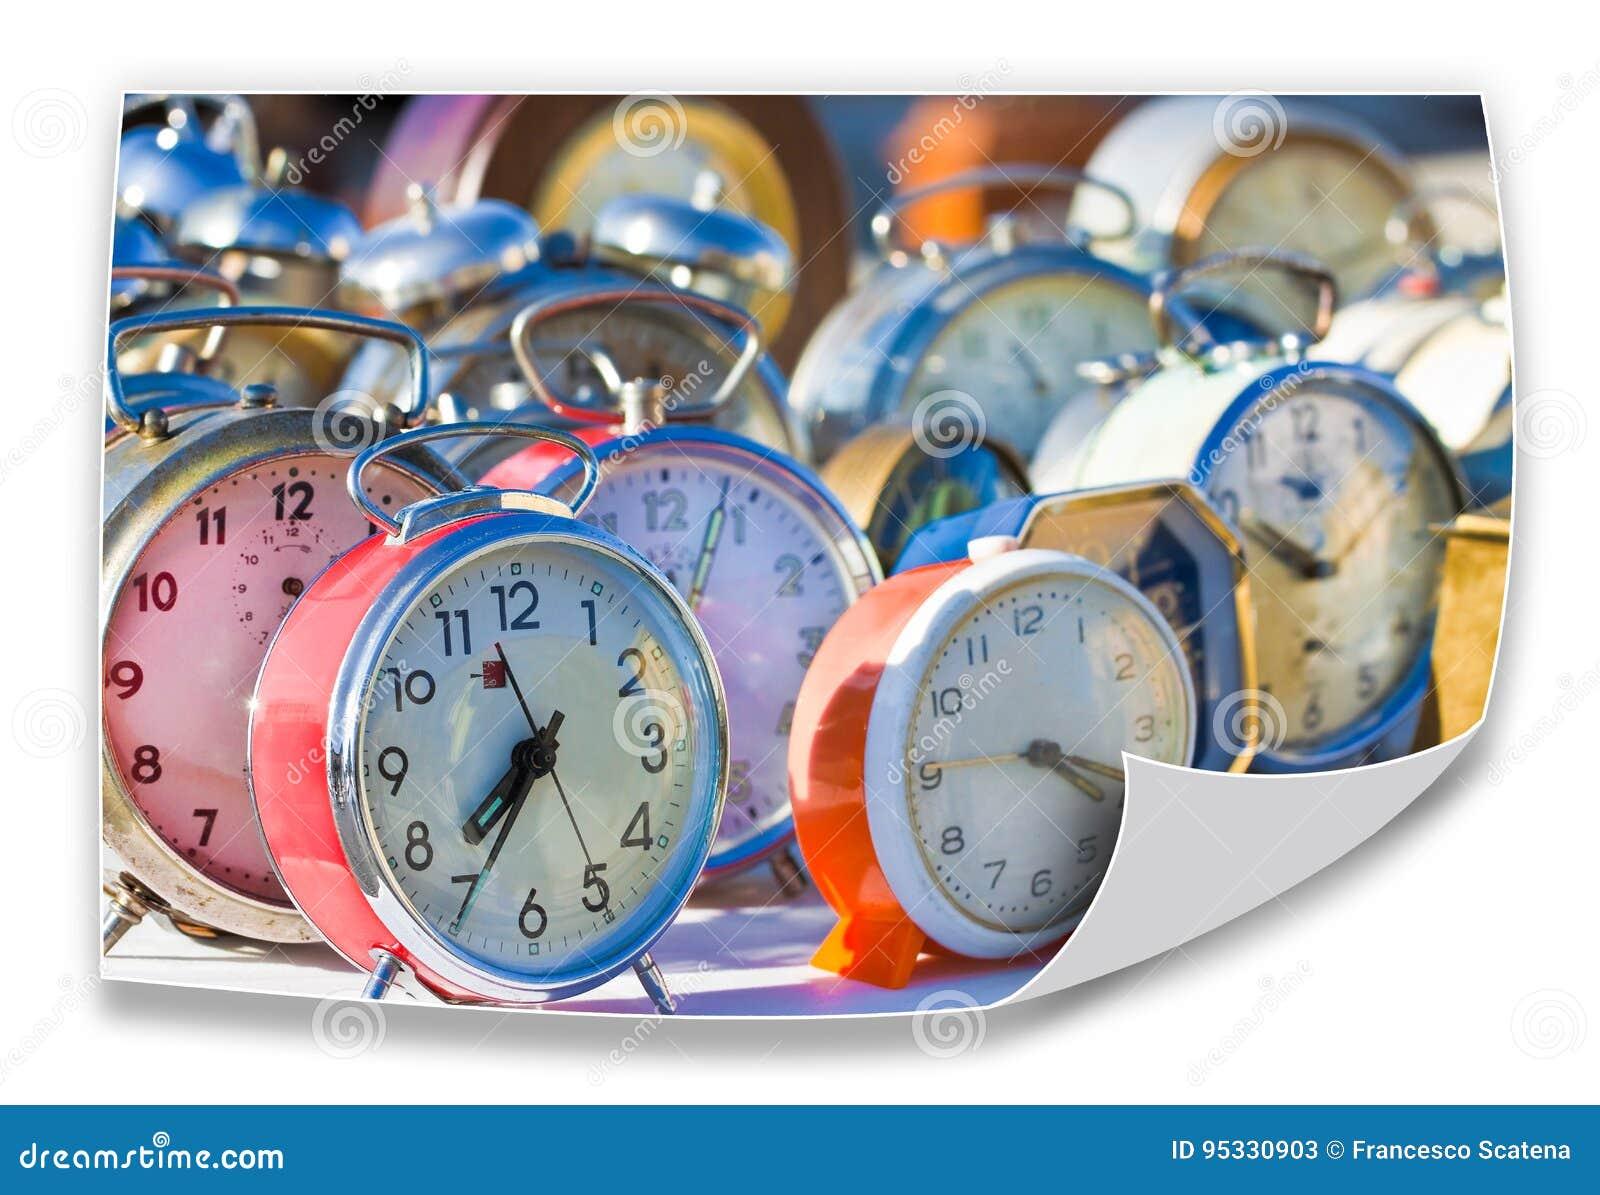 Il tempo passa inesorabilmente - vecchi orologi di tavola colorati del metallo - il concep